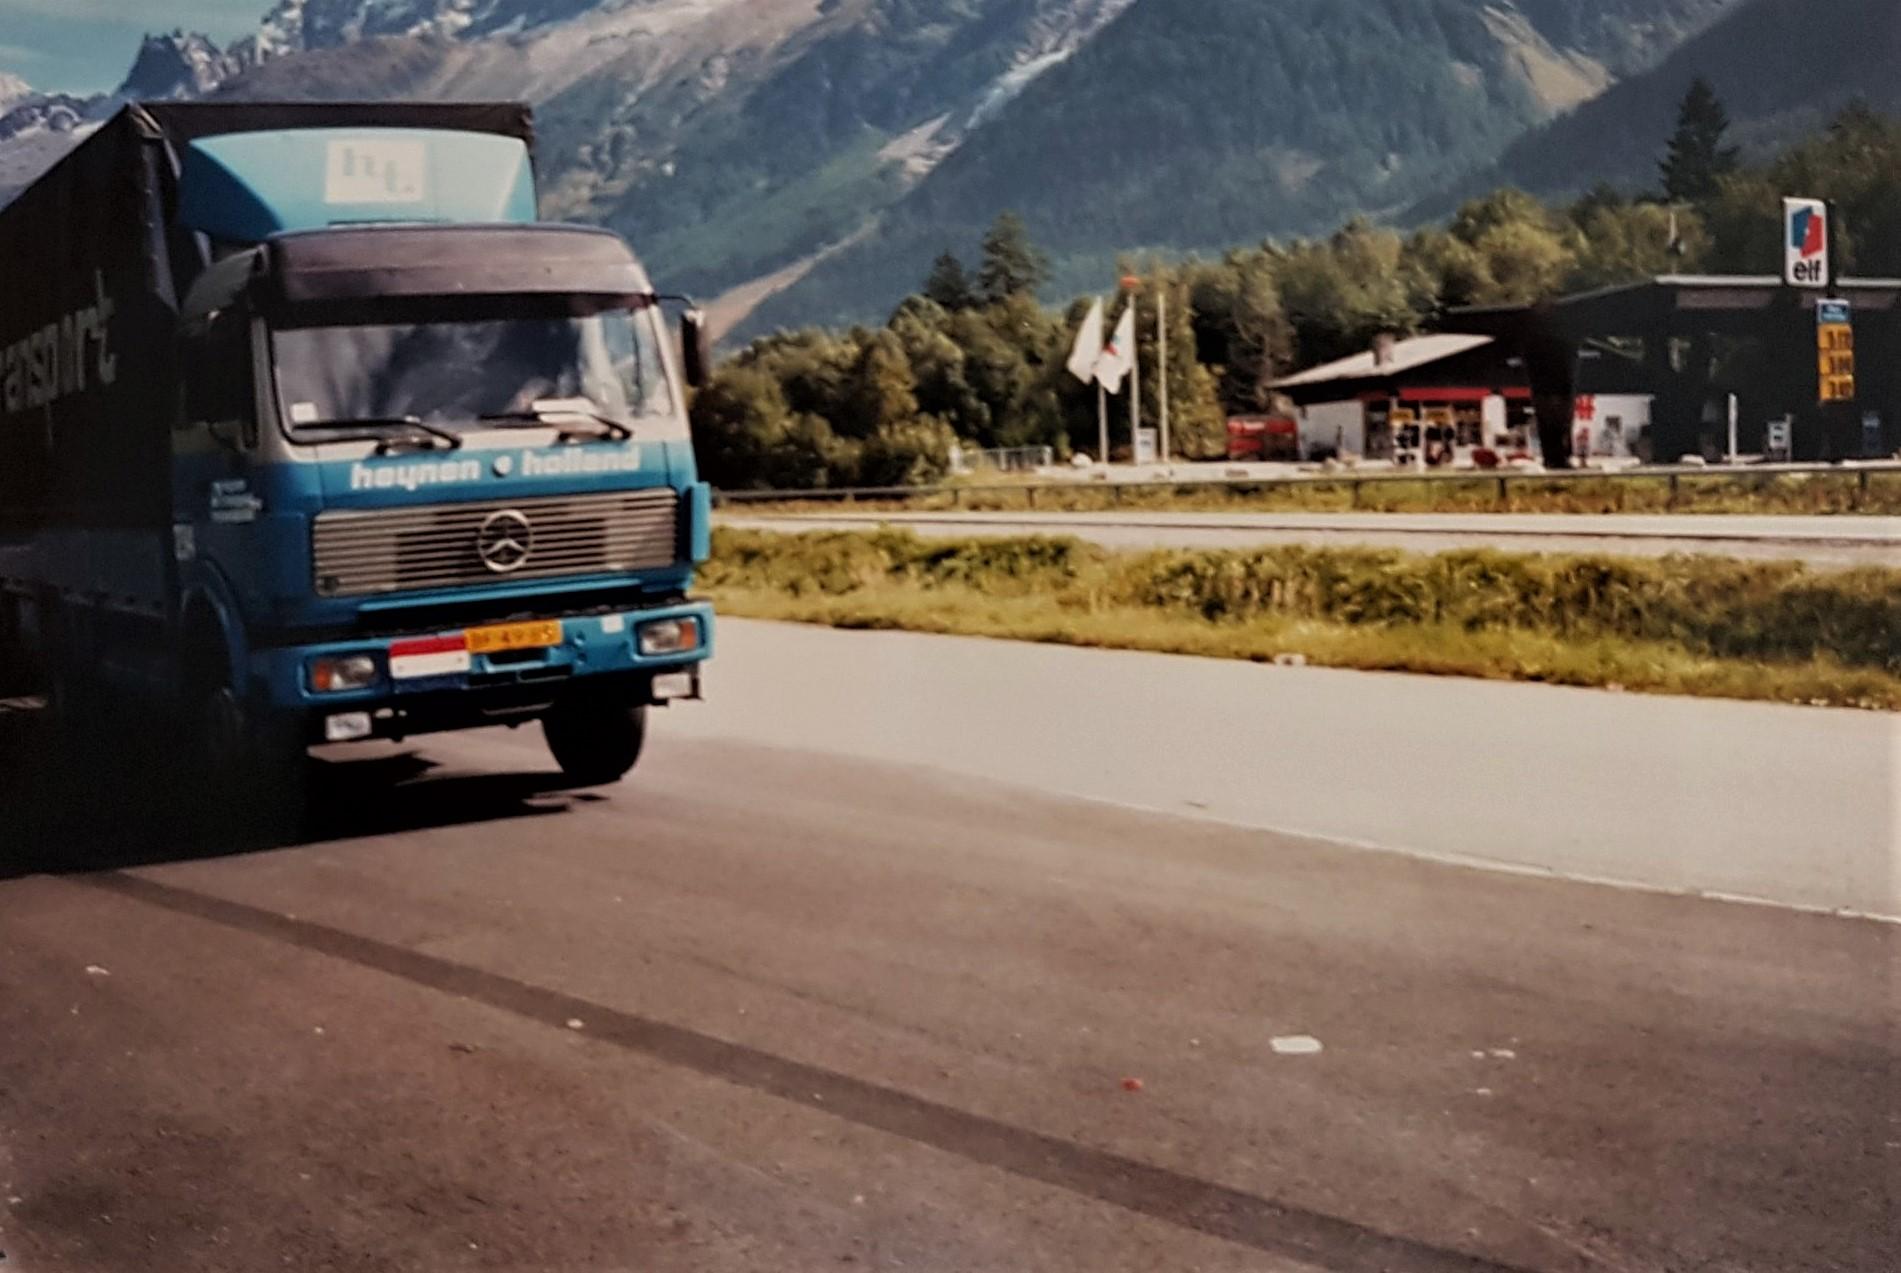 p-Jack-de-Moor-op-weg-naar-de-Mont-Blanc